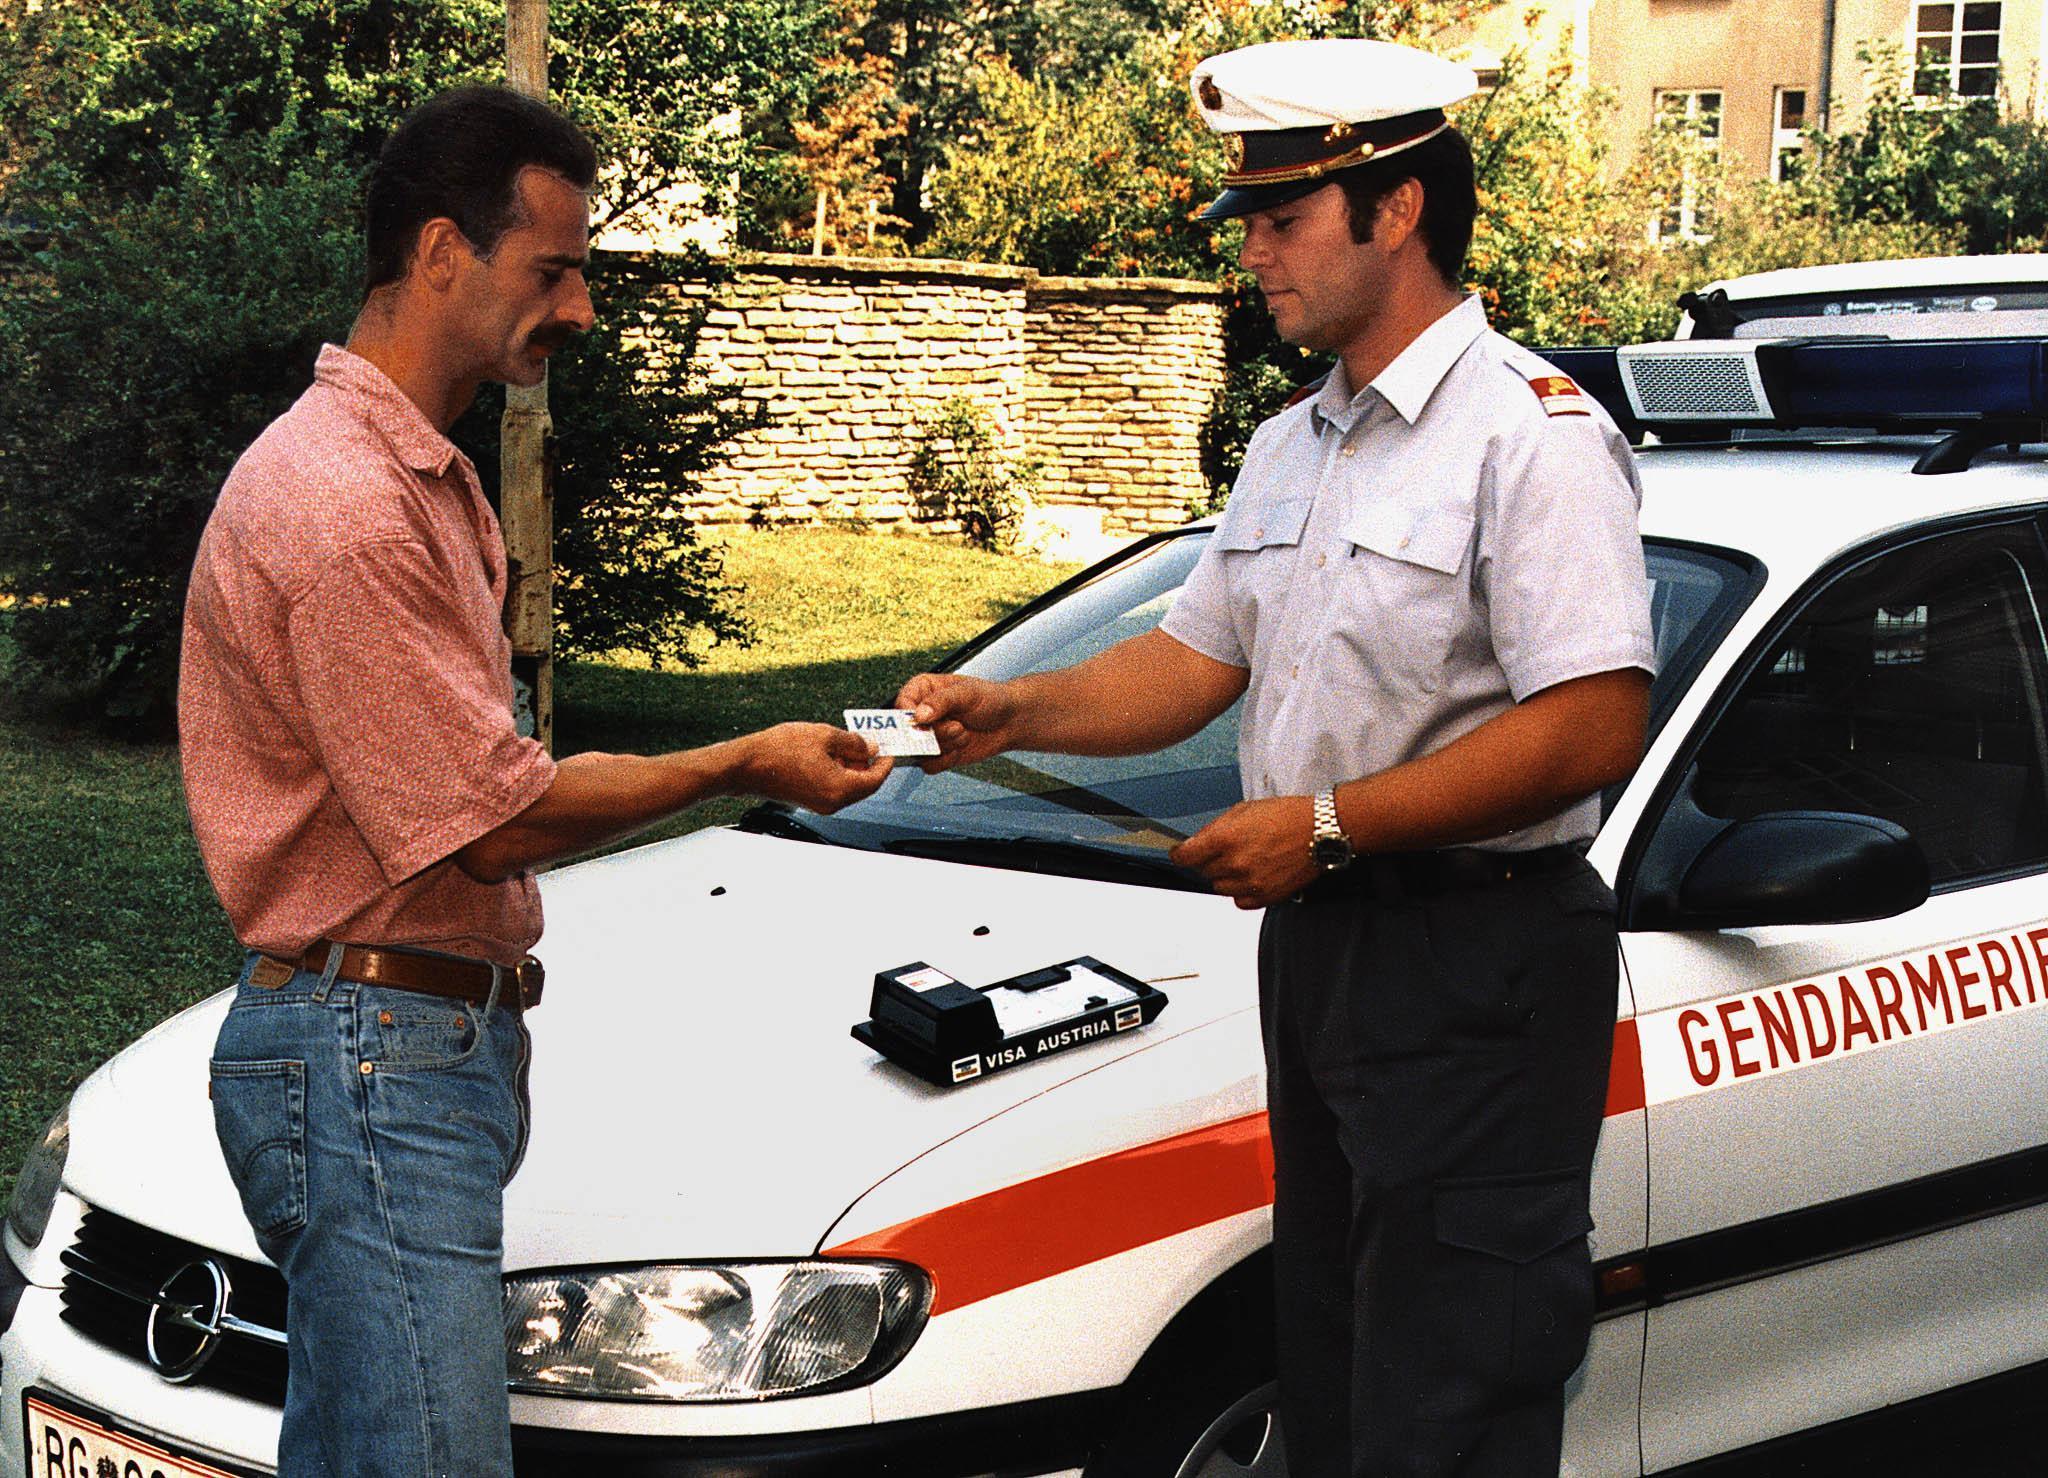 -ZU OTS 091- Mit 1.Jänner 1999 wird die Kreditkarten-Zahlung von Strafmandaten eingeführt. Visa-Austria ist jetzt schon startbereit. OTS-FOTO: Visa-Austria